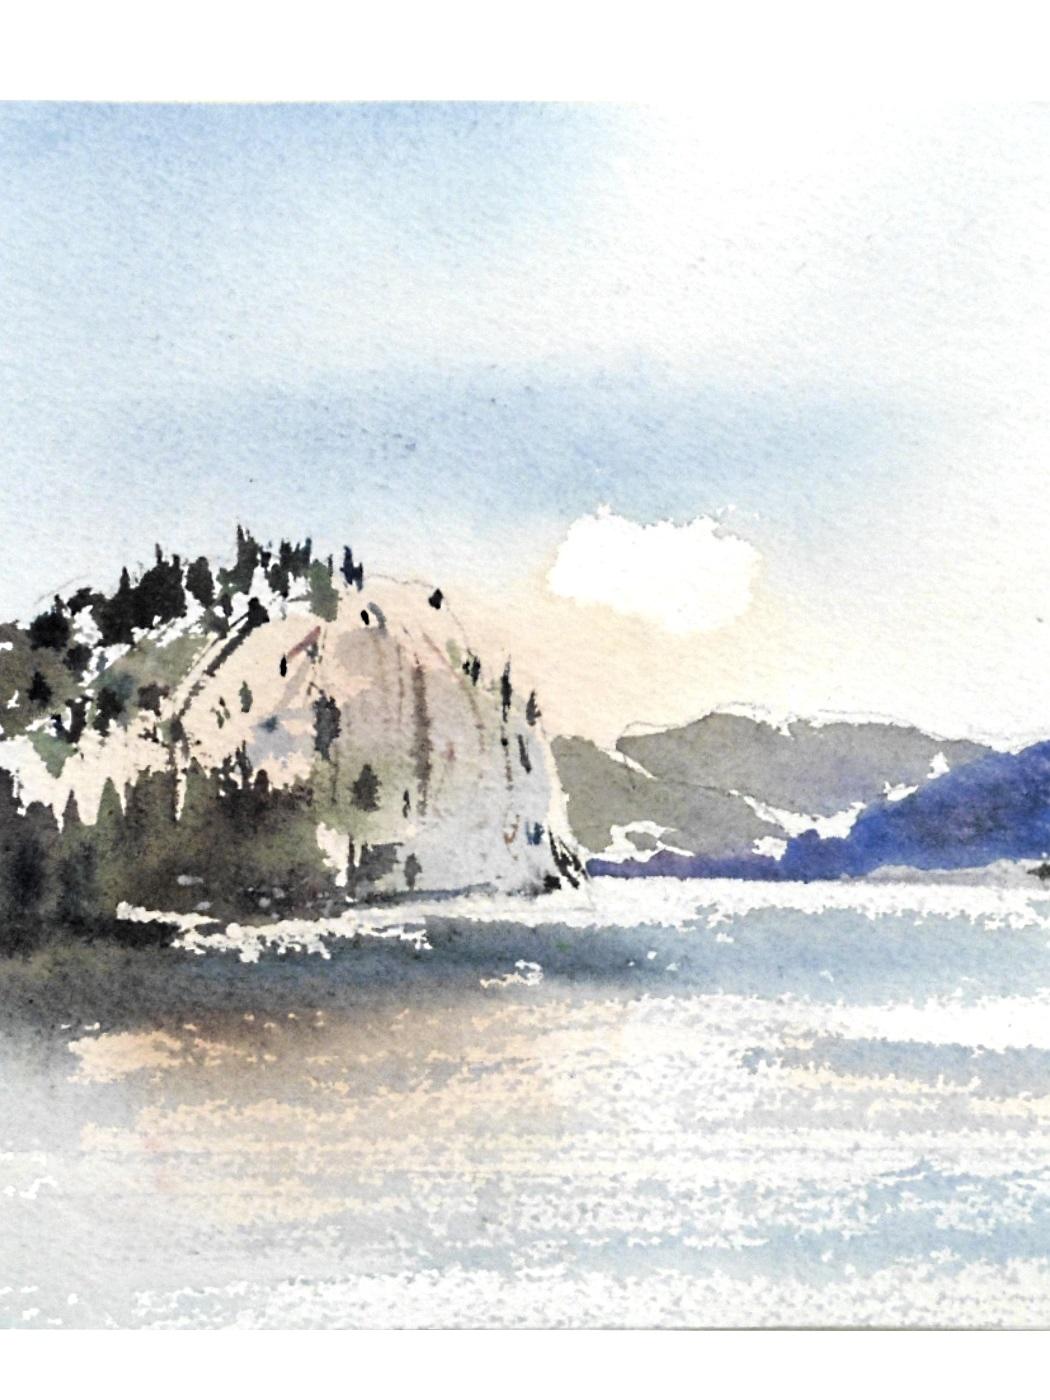 Paul Lake, December